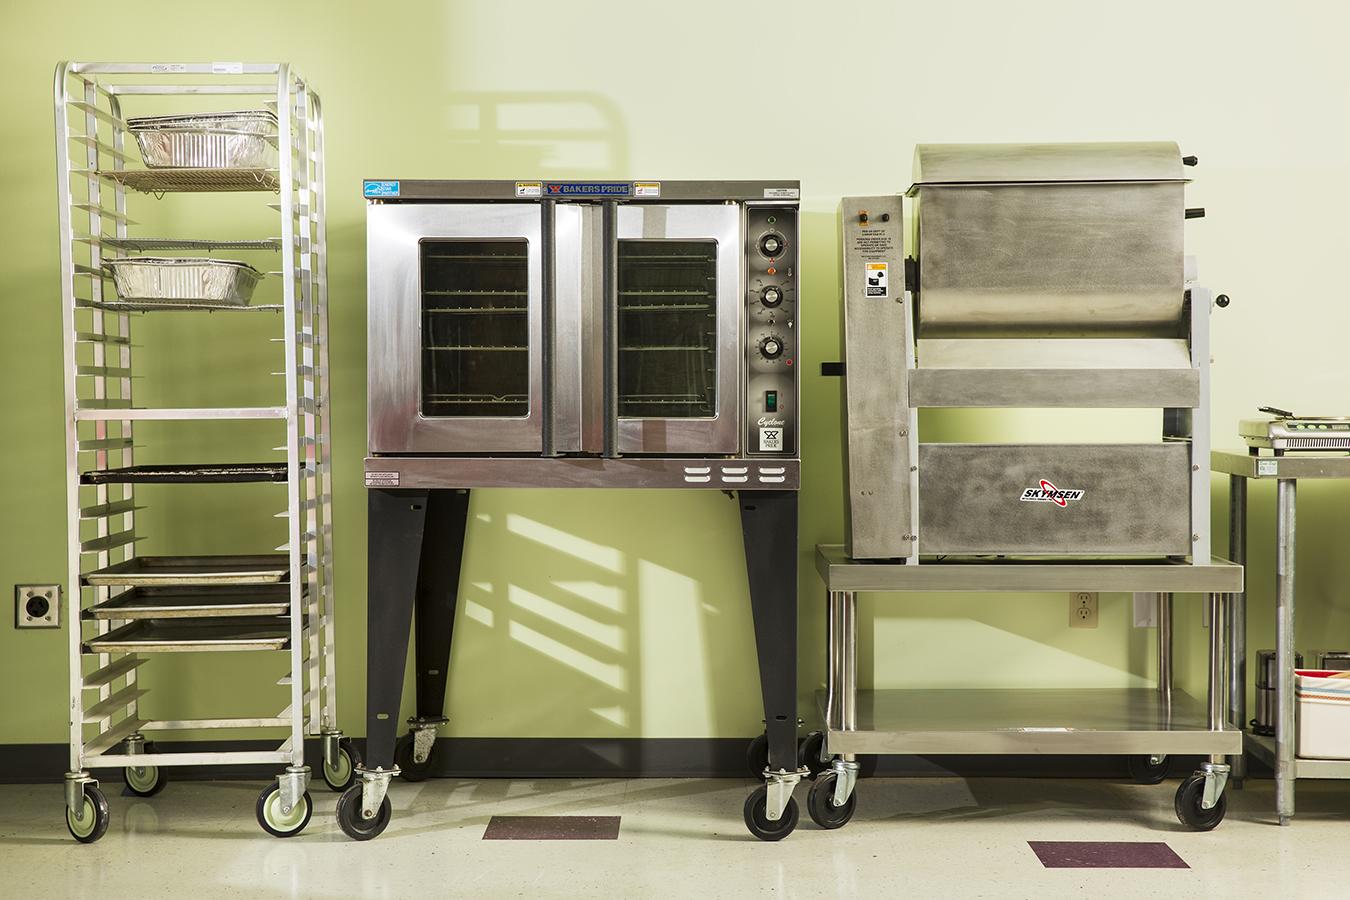 Industrial Oven.jpg